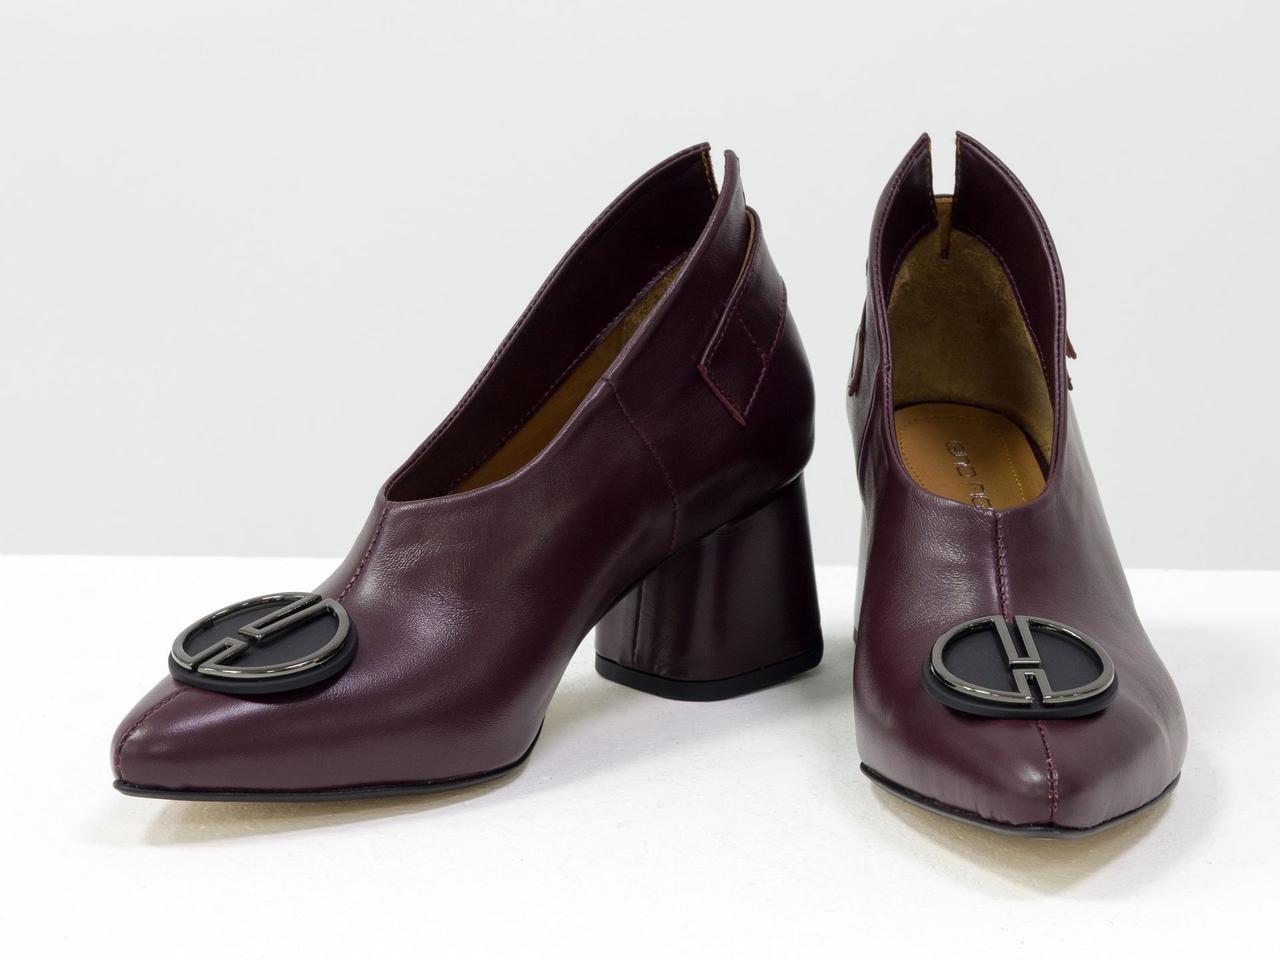 Туфли женские бордовые кожаные закрытые на среднем каблуке с пряжкой и фурнитурой